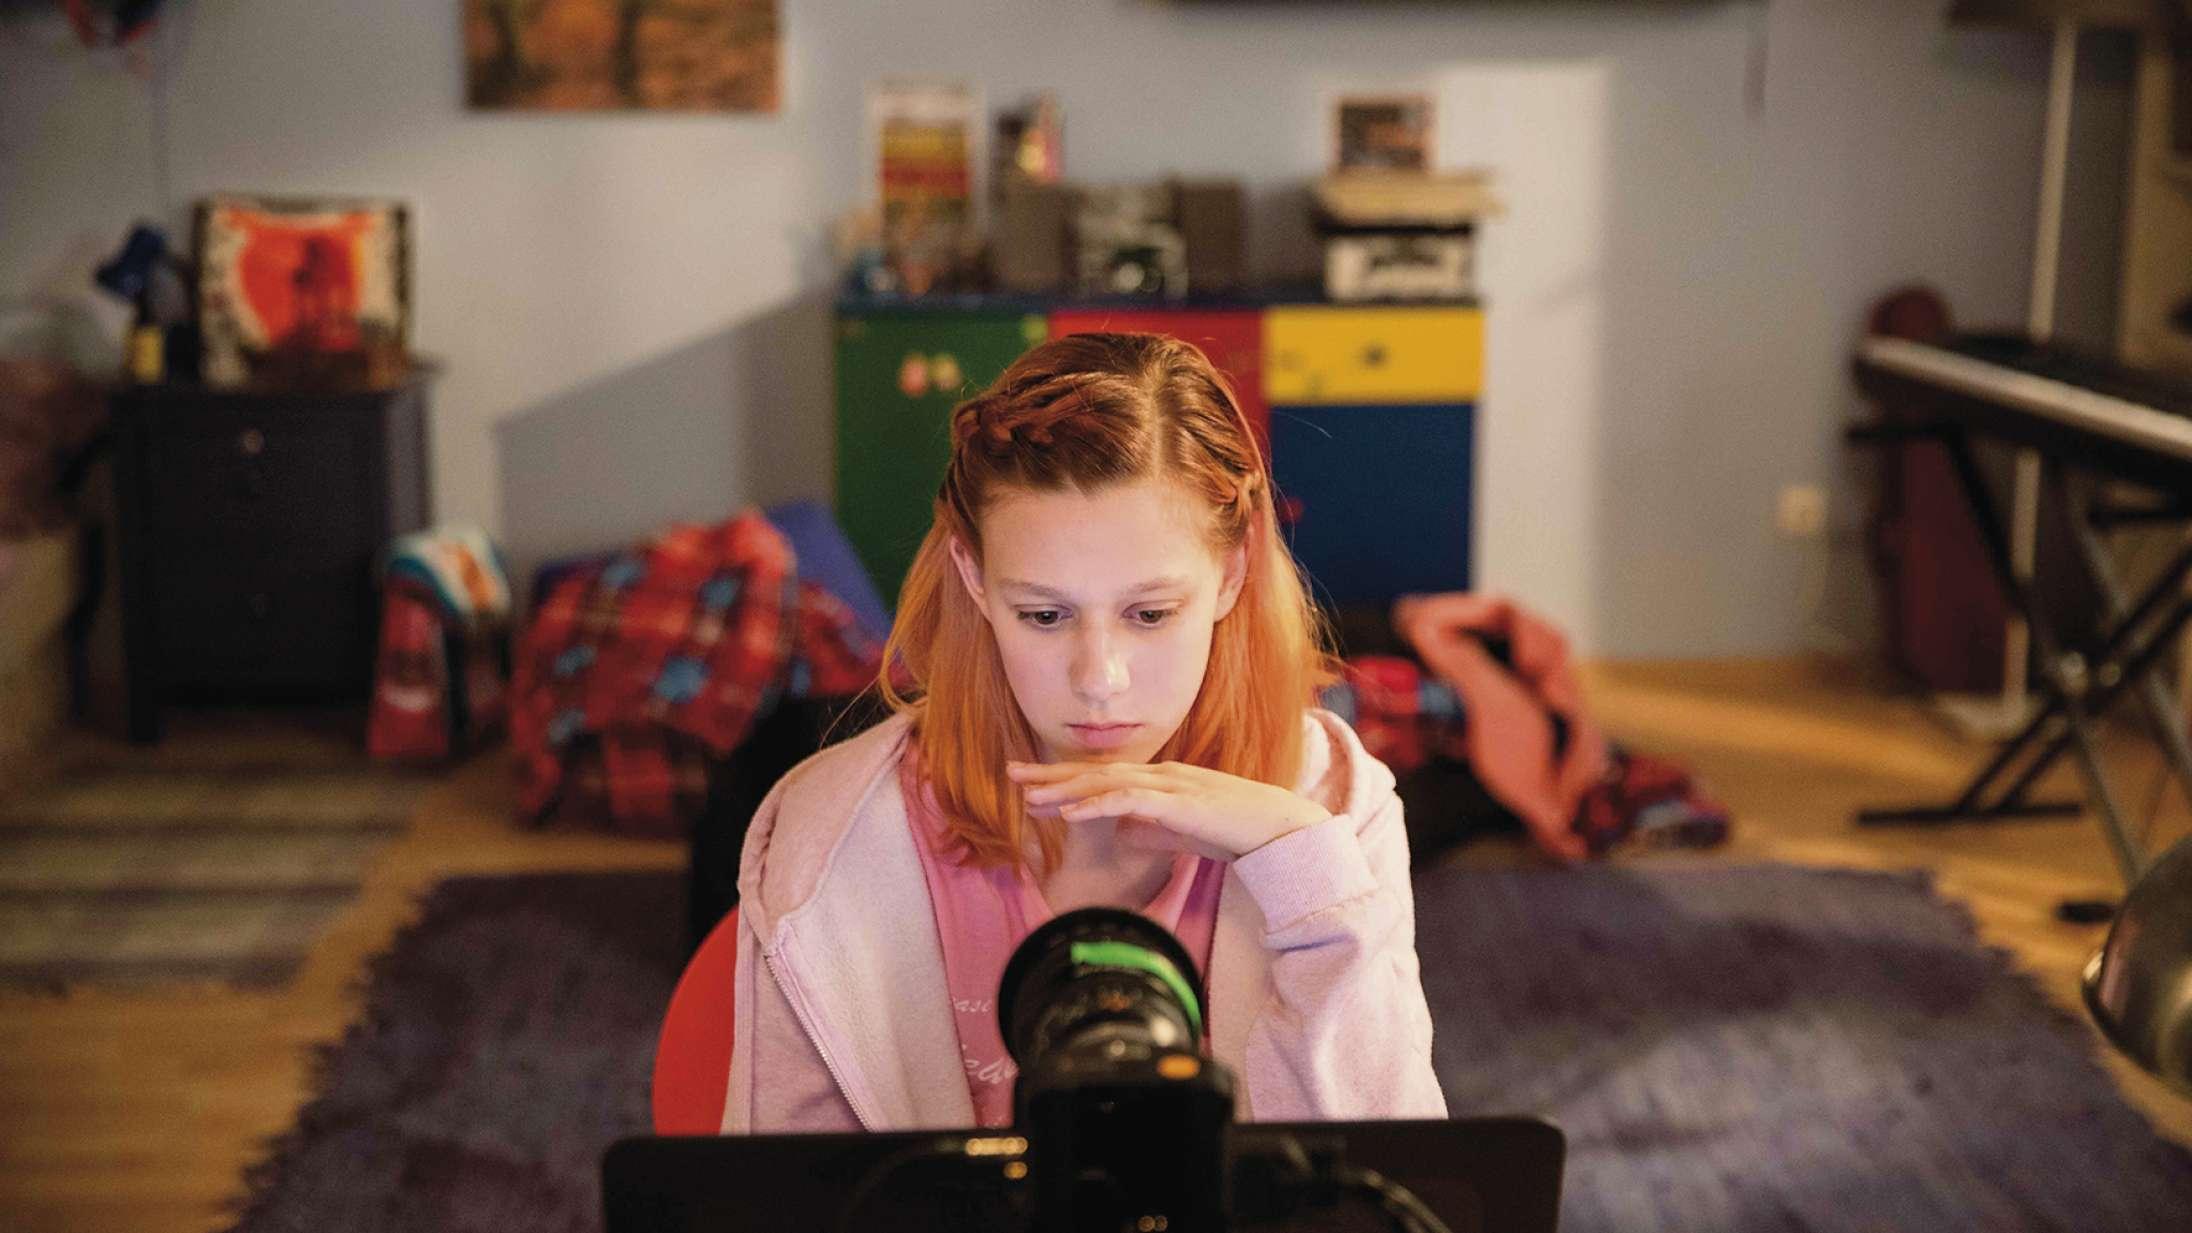 'Caught in the Net': Mænds digitale overgreb på 12-årige piger er chokerende i nyt dokumentareksperiment